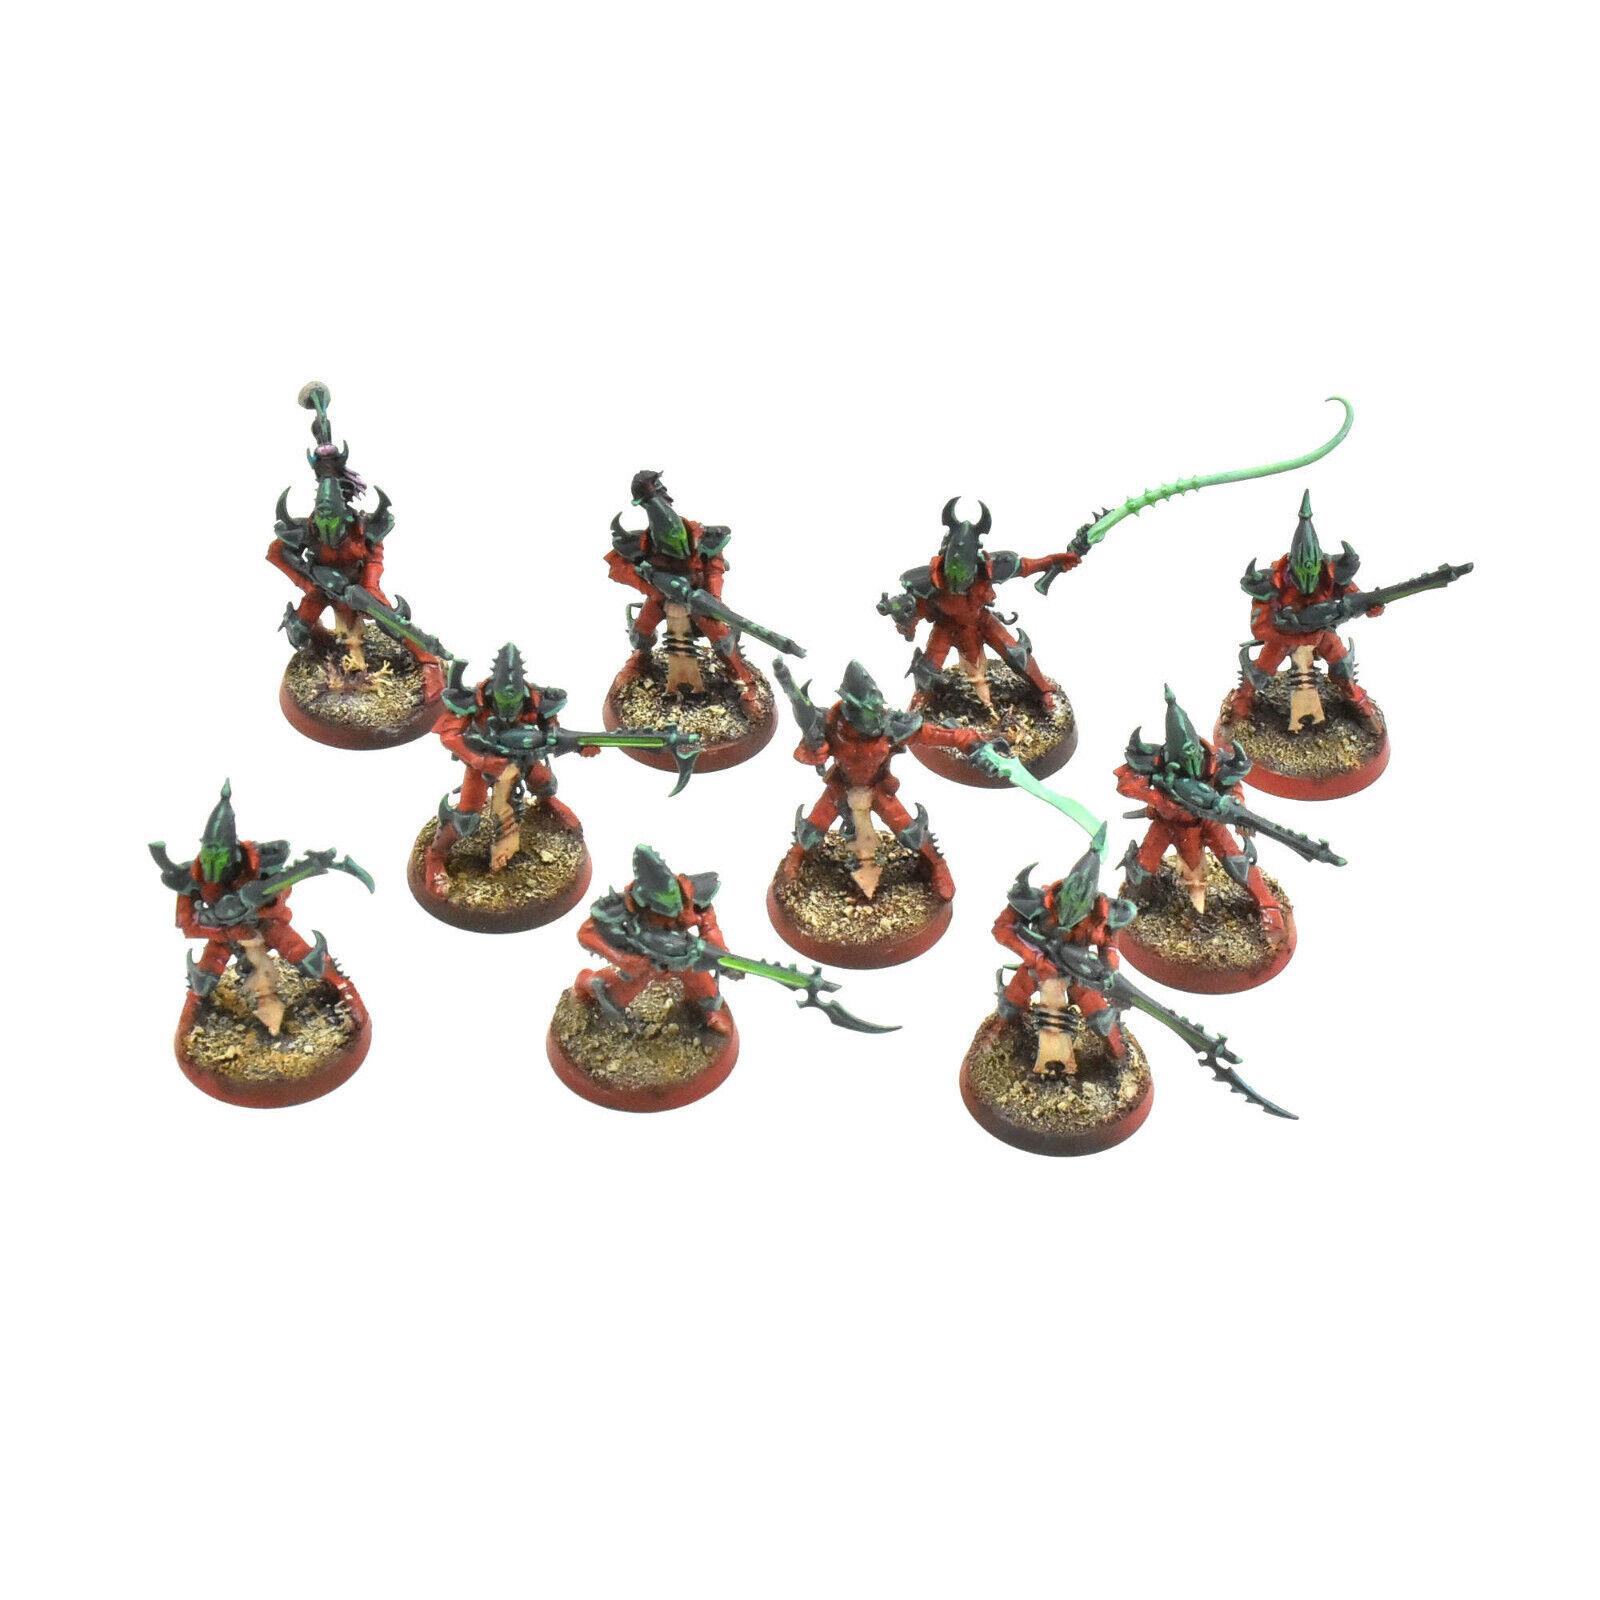 exclusivo Drukhari 10 Kabalite guerreros  3 BIEN PINTADOS WARHAMMER 40K 40K 40K eldar oscuro  A la venta con descuento del 70%.